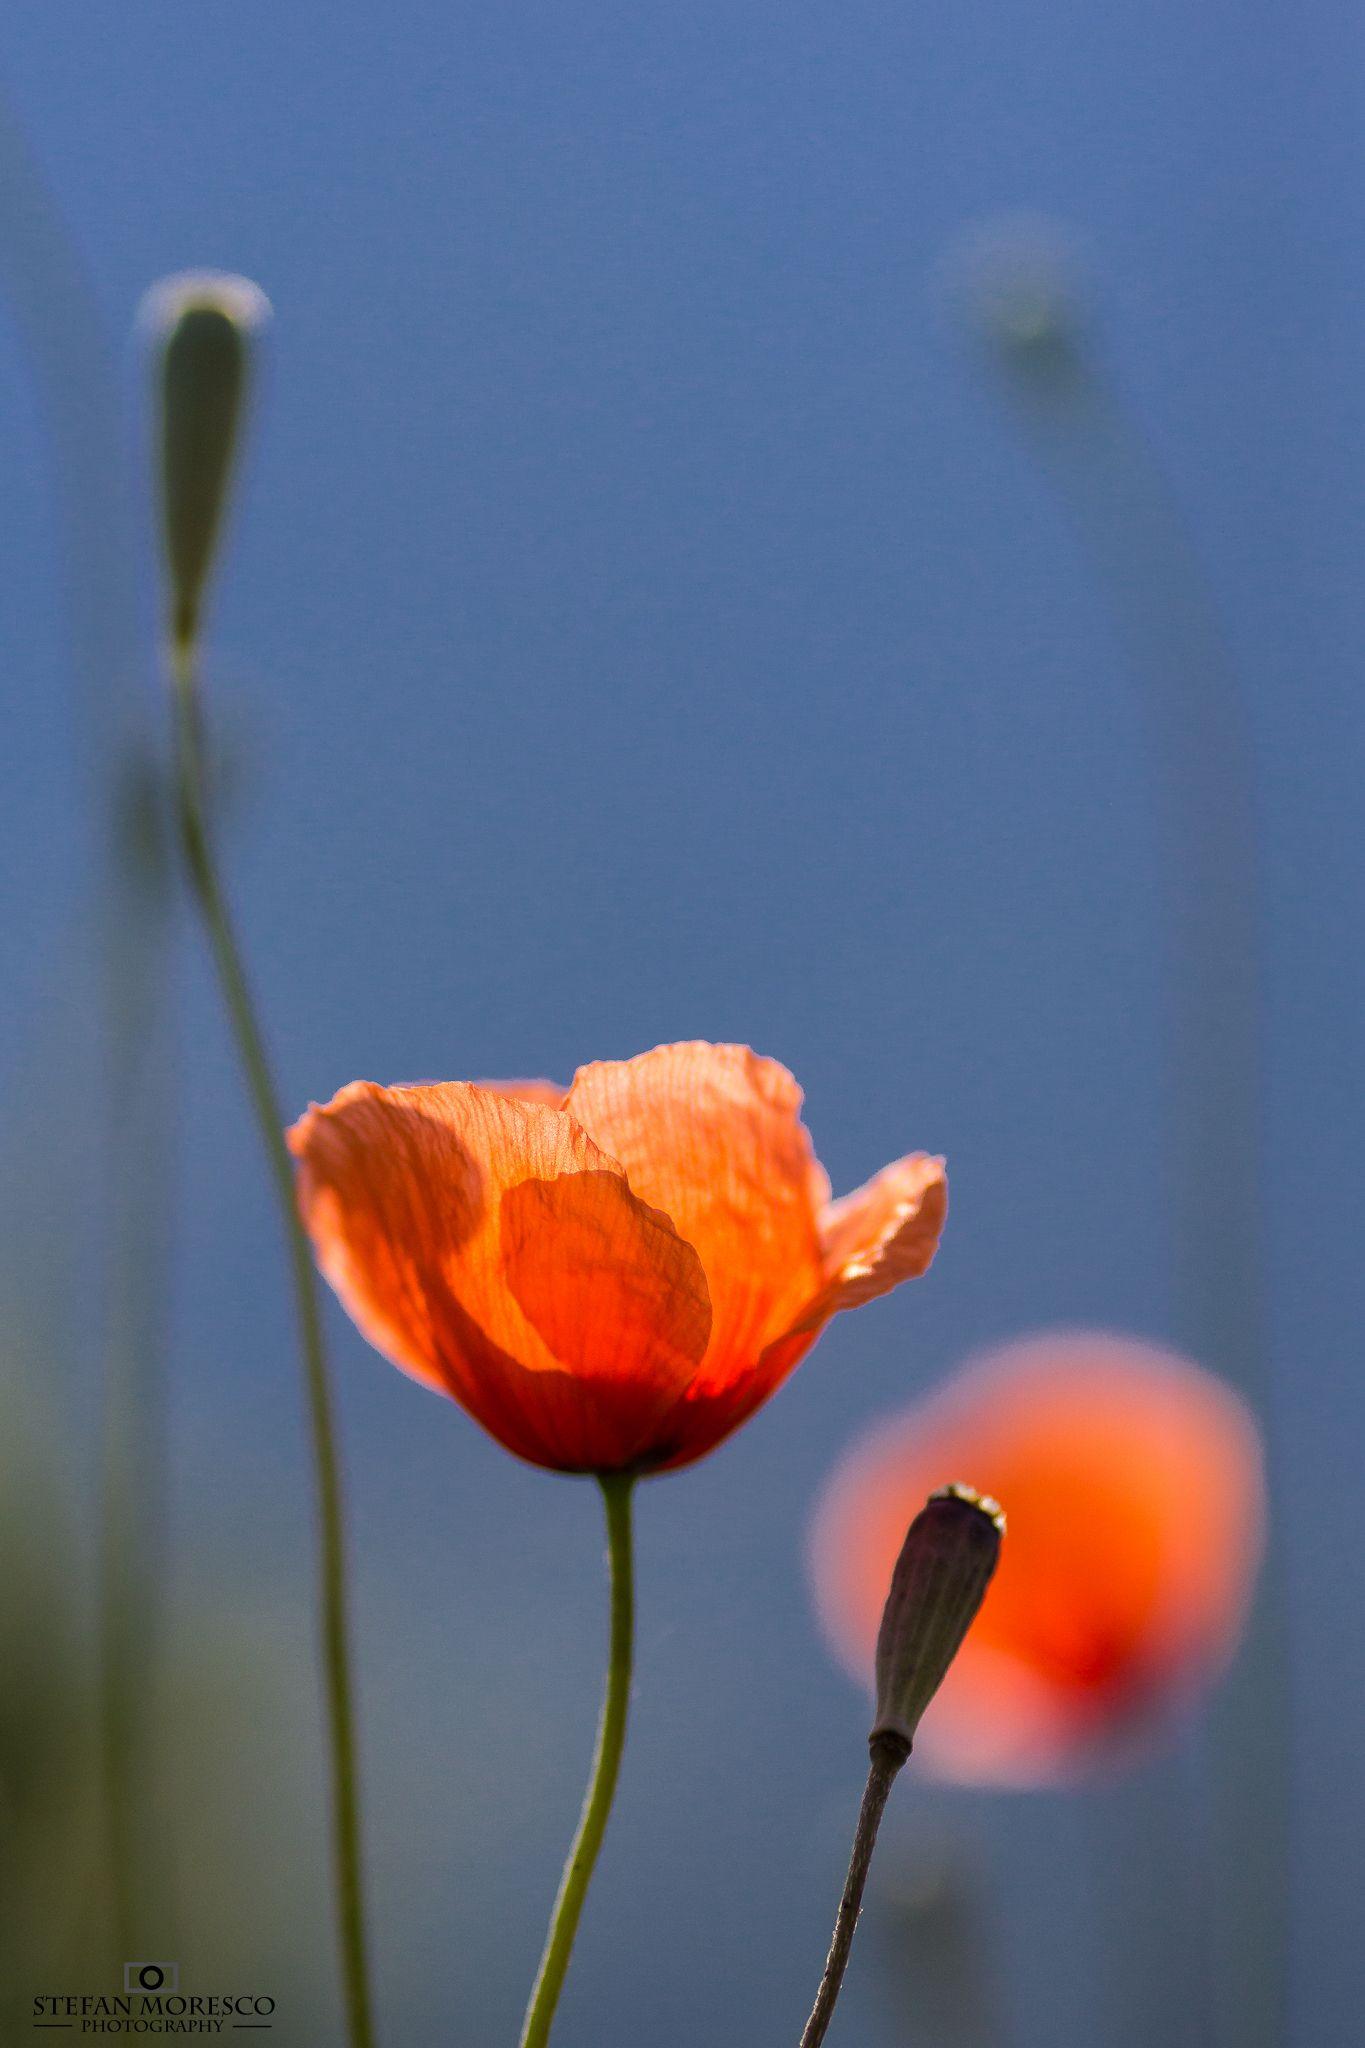 poppy by Moresco Stefan